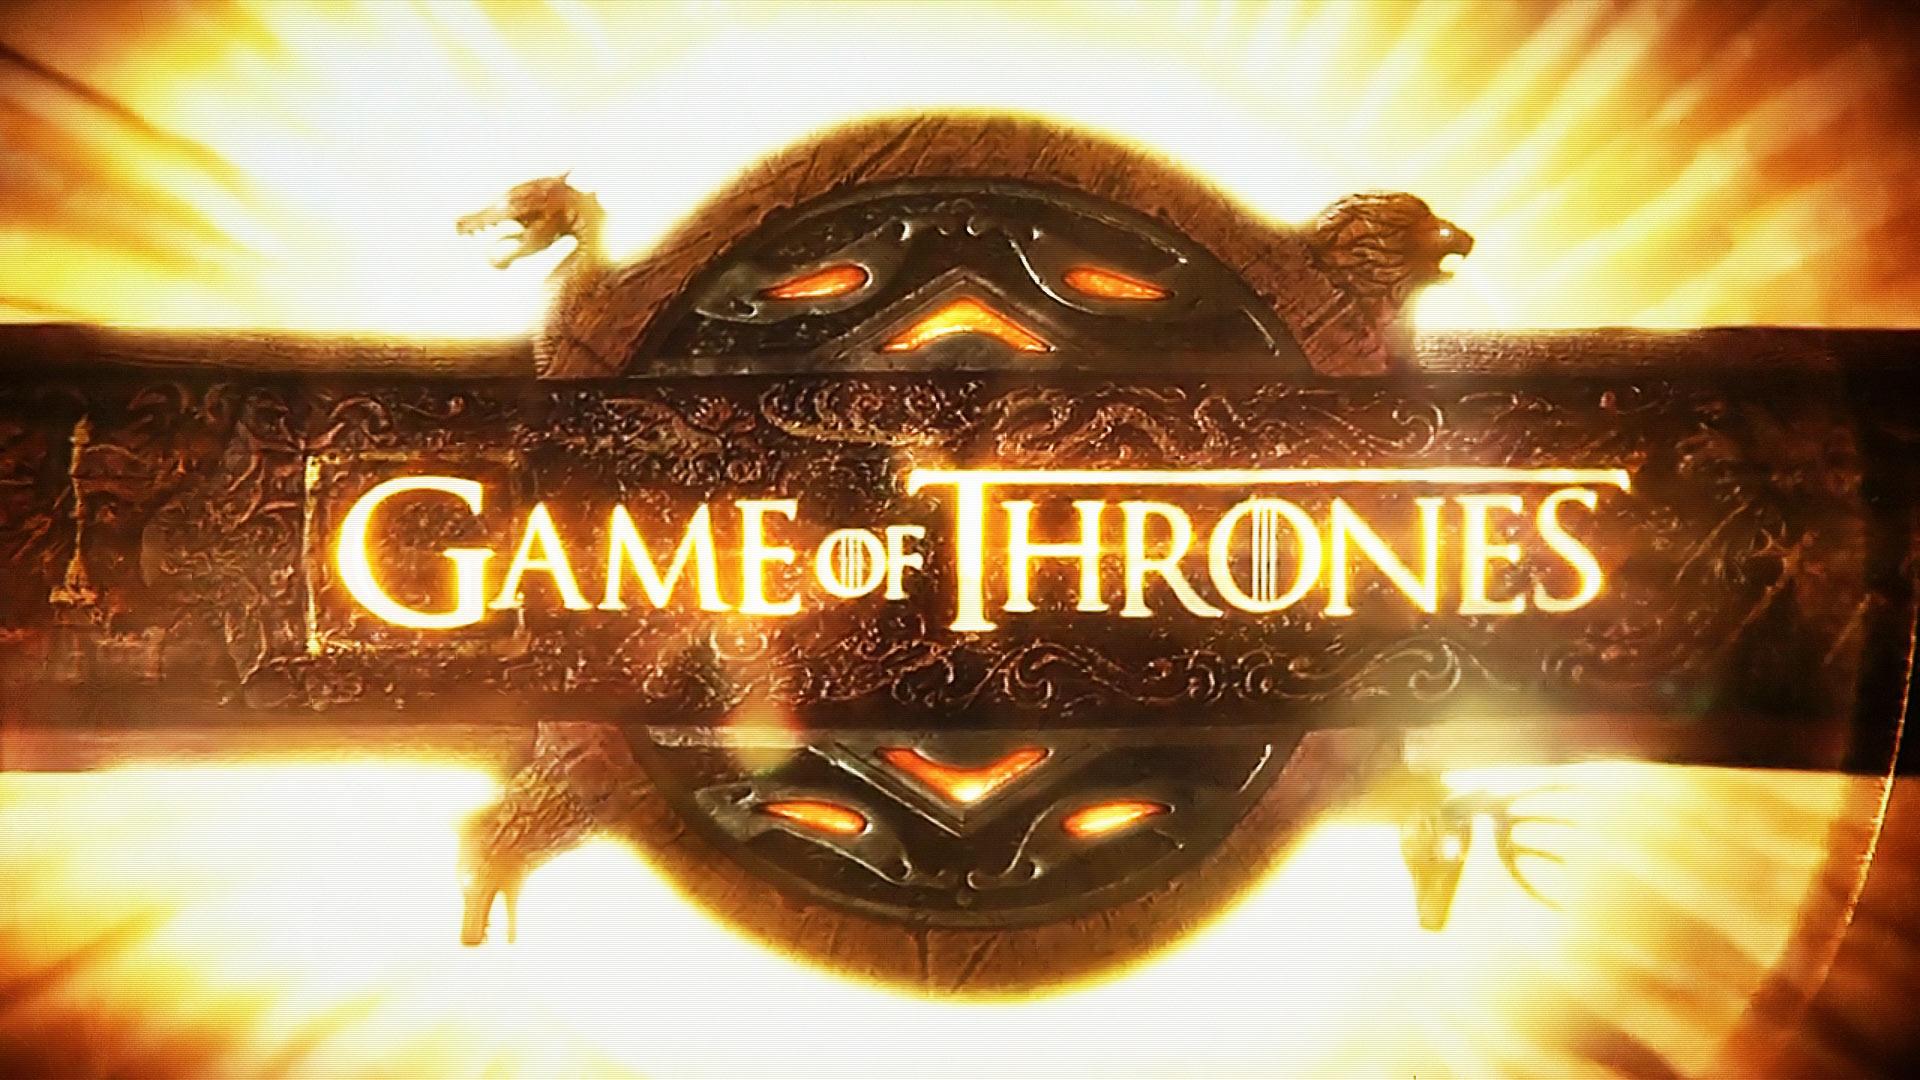 Gra o tron – polska aktorka w spin-offie serialu HBO [NEWS JEST ŻARTEM NA PRIMA APRILIS]